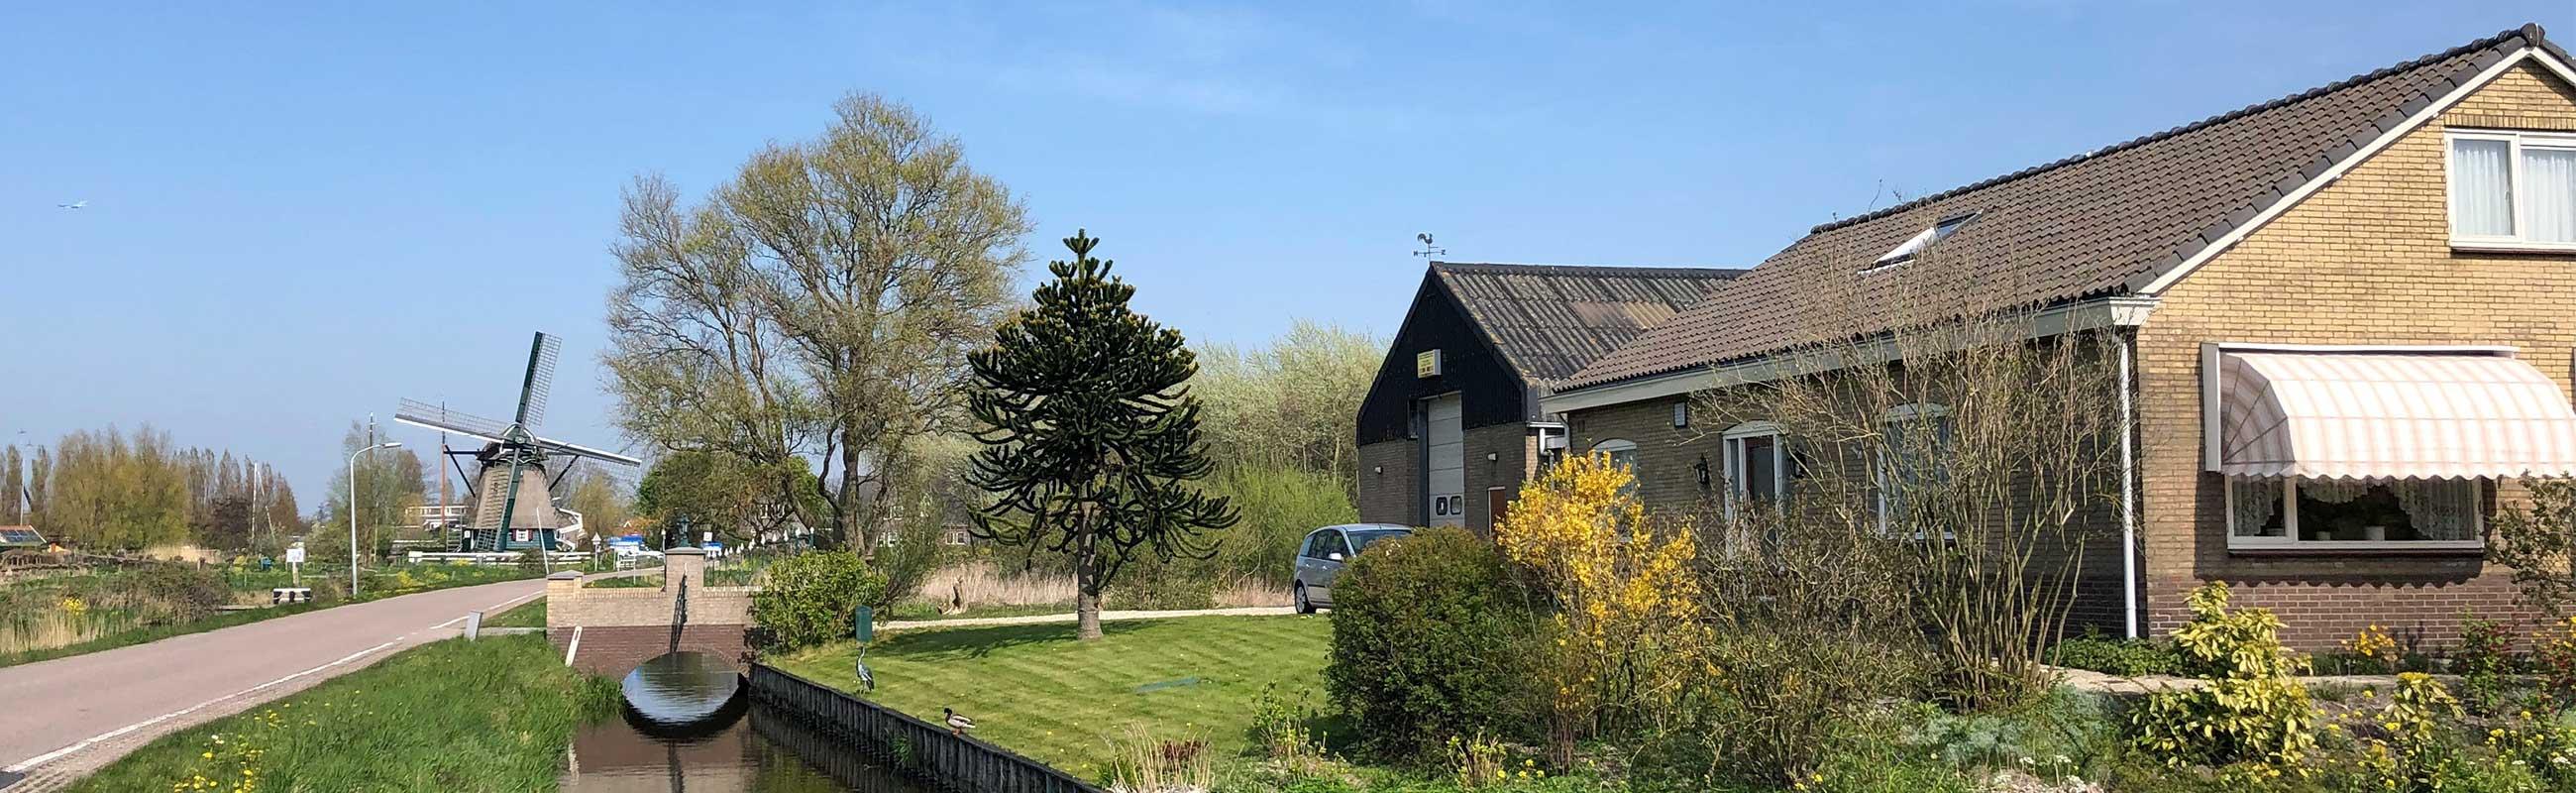 Wonen in Haarlem Oost is ook wonen aan de Veerpolder.